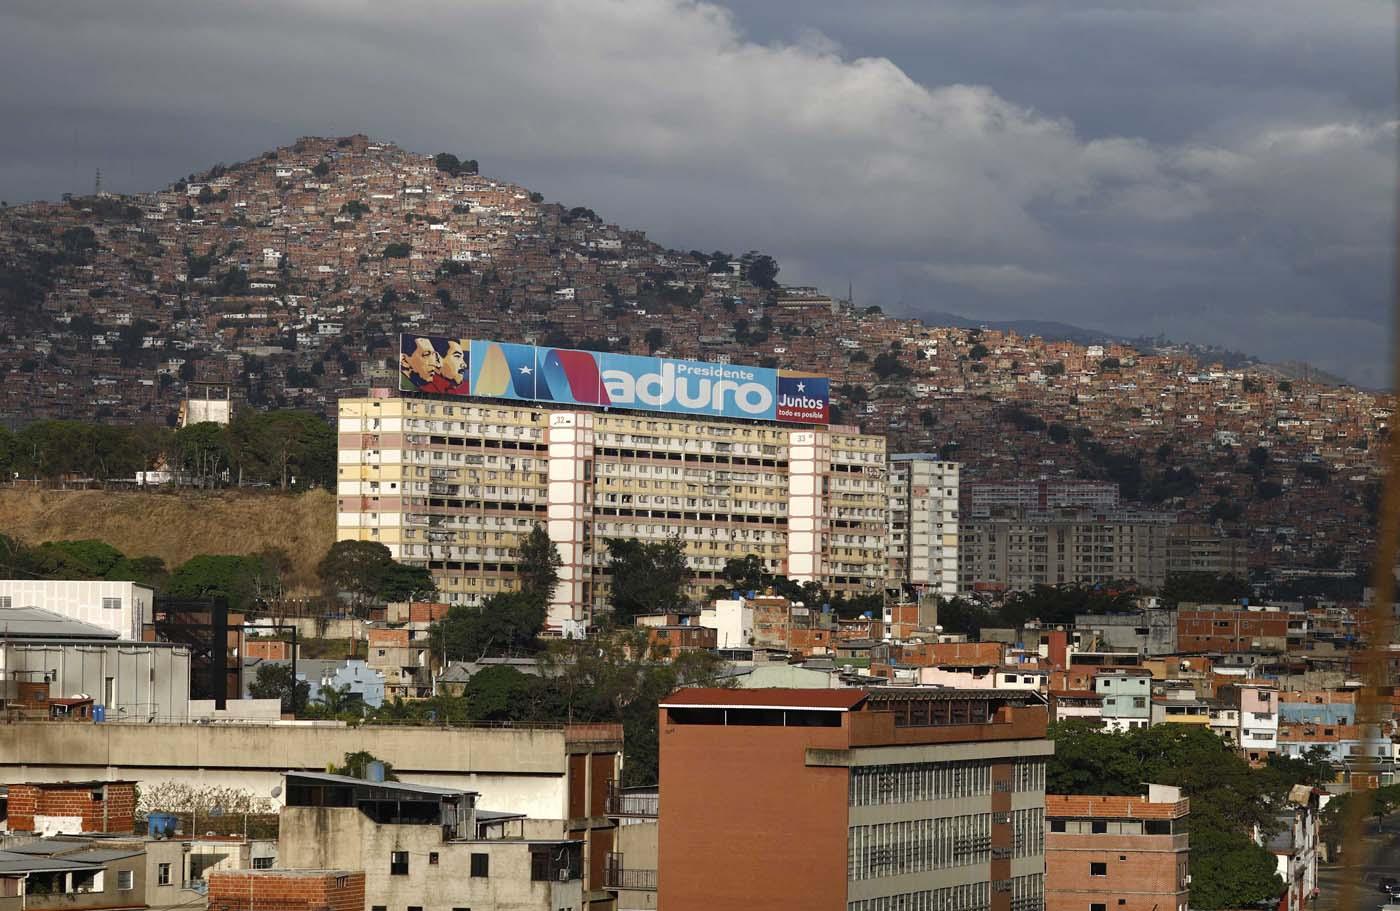 Un gran cartel que apoya al presidente venezolano, Nicolás Maduro, se encuentra sobre un edificio durante las elecciones presidenciales en Caracas, Venezuela, el 20 de mayo de 2018. REUTERS / Marco Bello